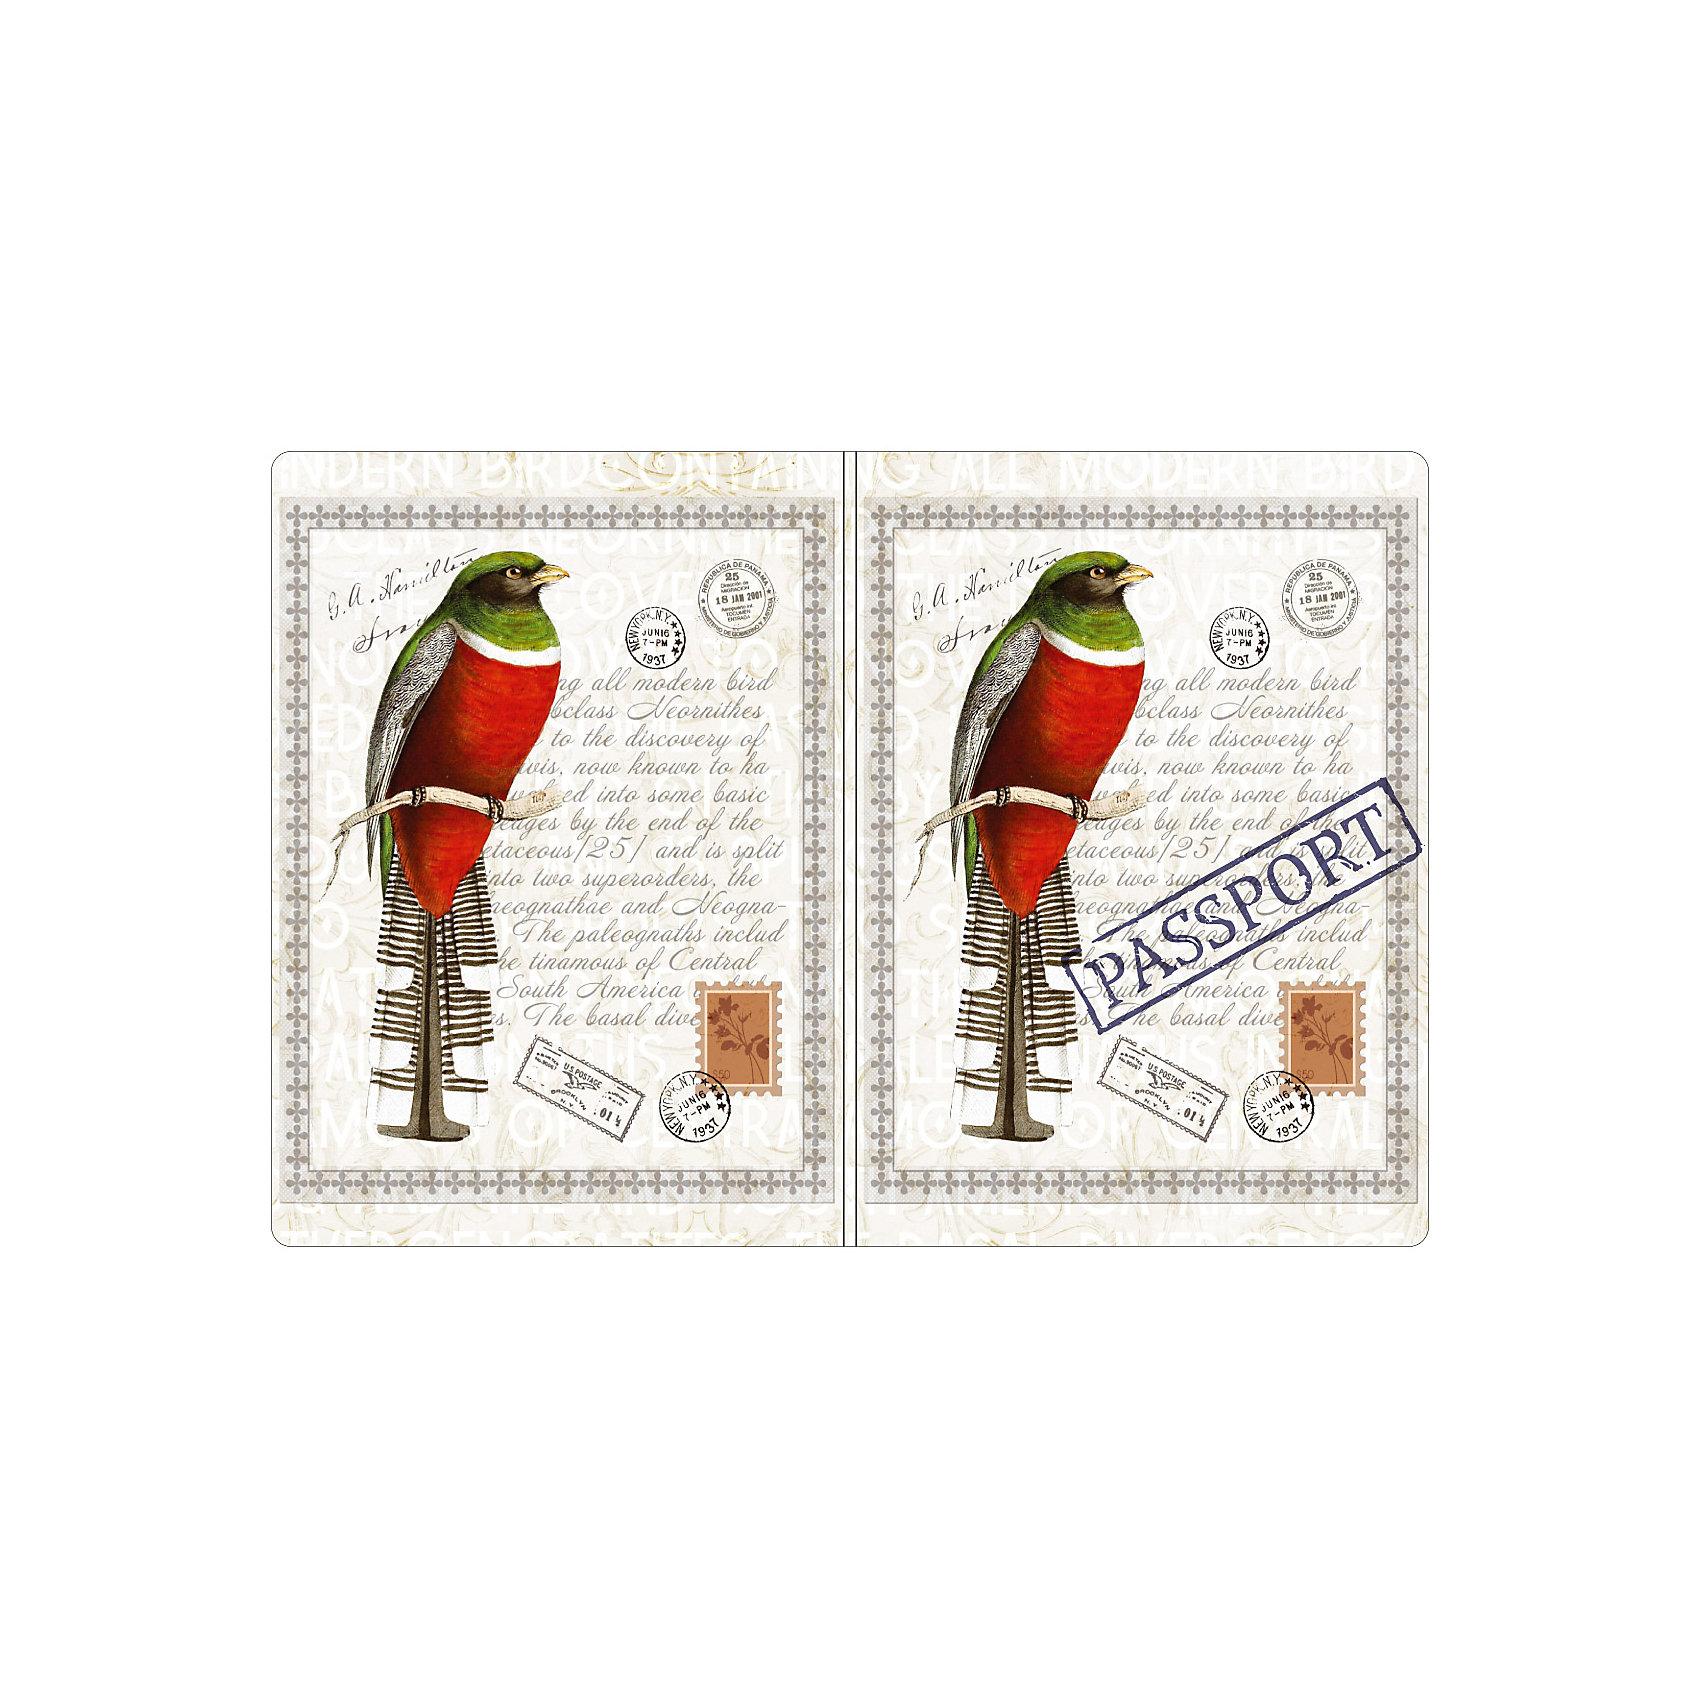 Обложка для паспорта Птица, Феникс-ПрезентВ дорогу<br>Обложка для паспорта Птица, Феникс-Презент <br><br>Характеристики:<br><br>• оригинальный дизайн<br>• высокая прочность<br>• размер: 13,3х19,1 см<br>• материал: ПВХ<br><br>Обложка для паспорта Птица защитит ваши документы от намокания, а также подчеркнет оригинальность стиля. Обложка выполнена из прочного поливинилхлорида, устойчивого к износу. На обложке изображена красивая птичка. Такая красивая обложка всегда будет радовать глаз!<br><br>Обложку для паспорта Птица, Феникс-Презент вы можете купить в нашем интернет-магазине.<br><br>Ширина мм: 133<br>Глубина мм: 191<br>Высота мм: 50<br>Вес г: 35<br>Возраст от месяцев: 168<br>Возраст до месяцев: 2147483647<br>Пол: Унисекс<br>Возраст: Детский<br>SKU: 5449607